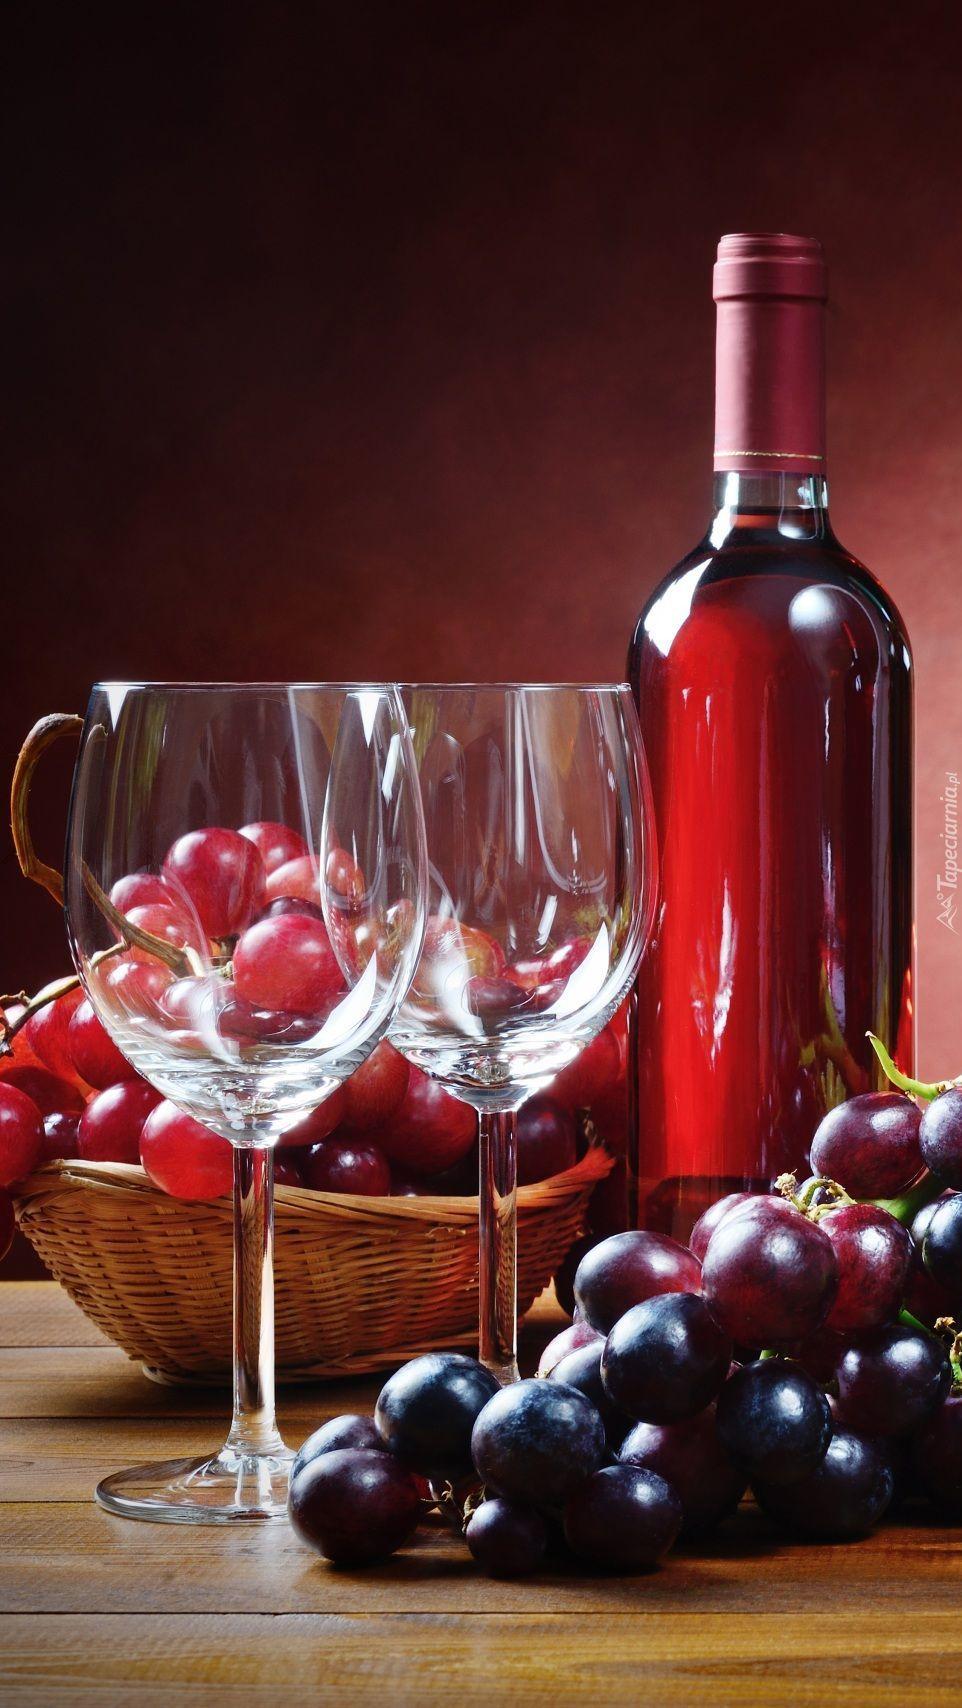 Butelka wina z dwoma kieliszkami i winogrona